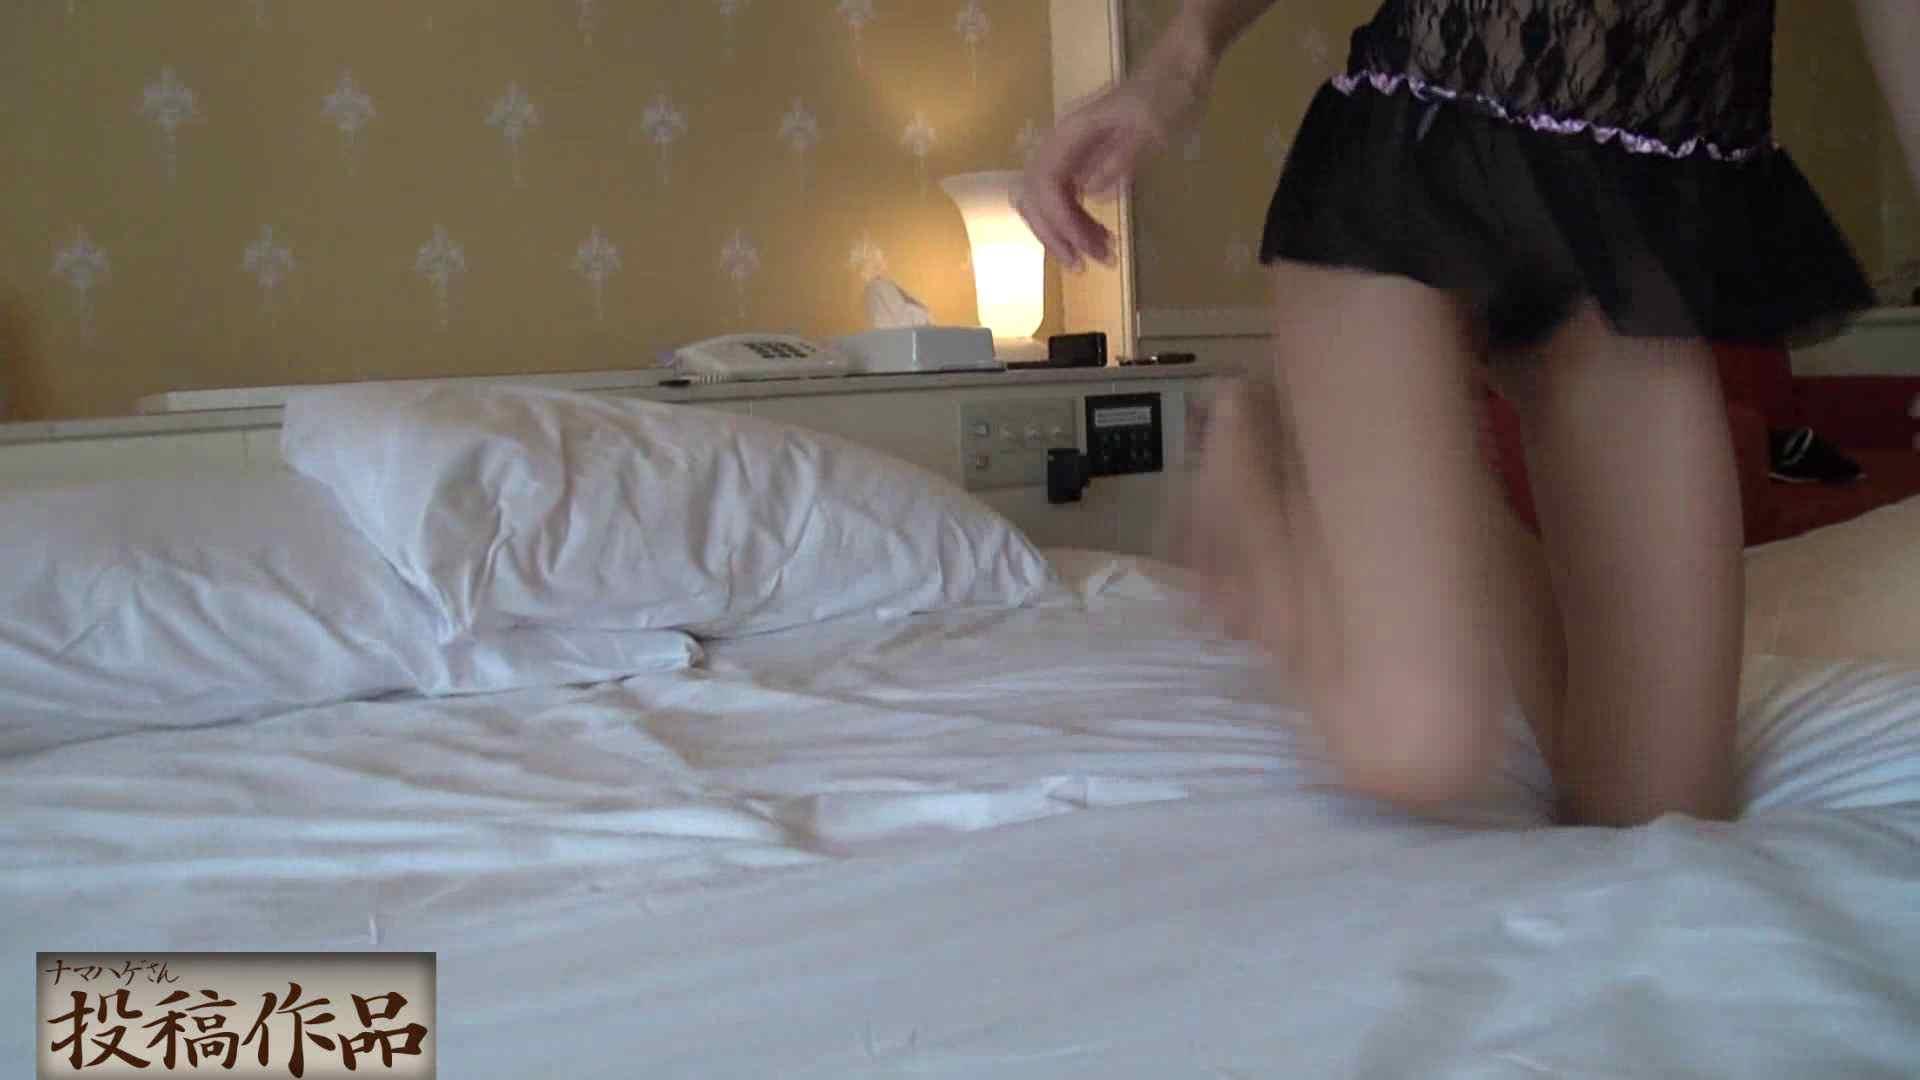 ナマハゲさんのまんこコレクション第二章 ayumi03 マンコ映像   投稿  97連発 22